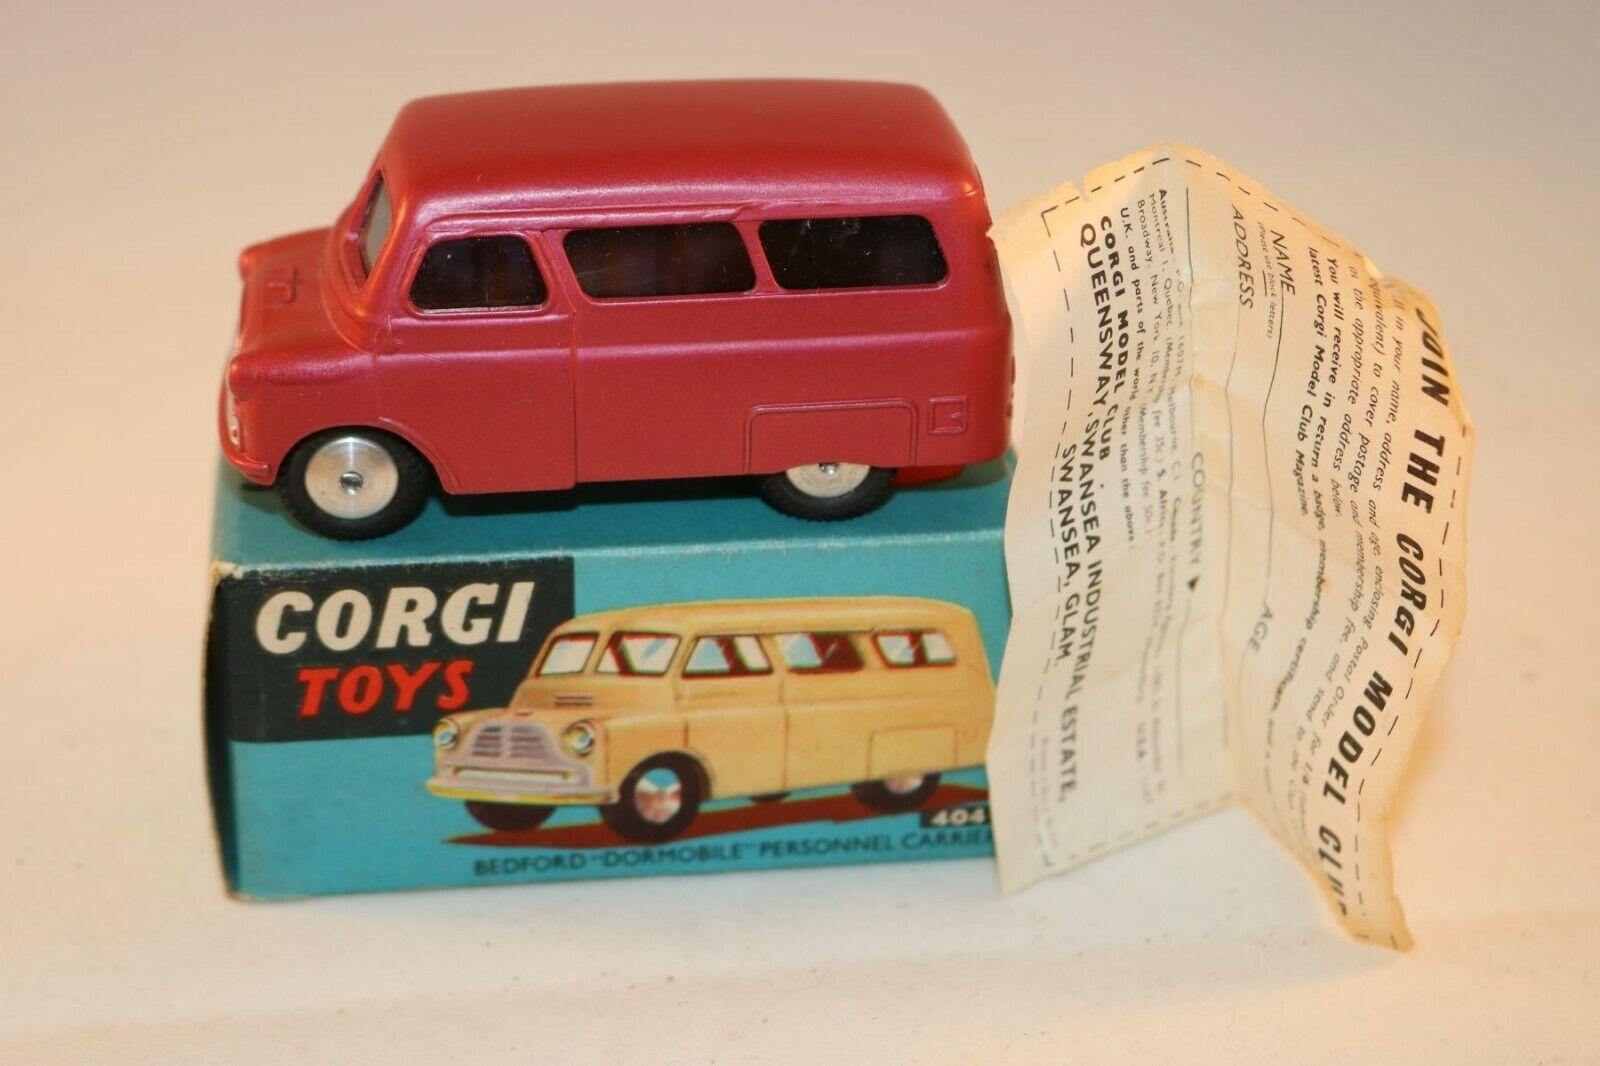 Corgi giocattoli 404 Bedford Dormobile Cerise 99% mint in scatola tutti original SUPERB